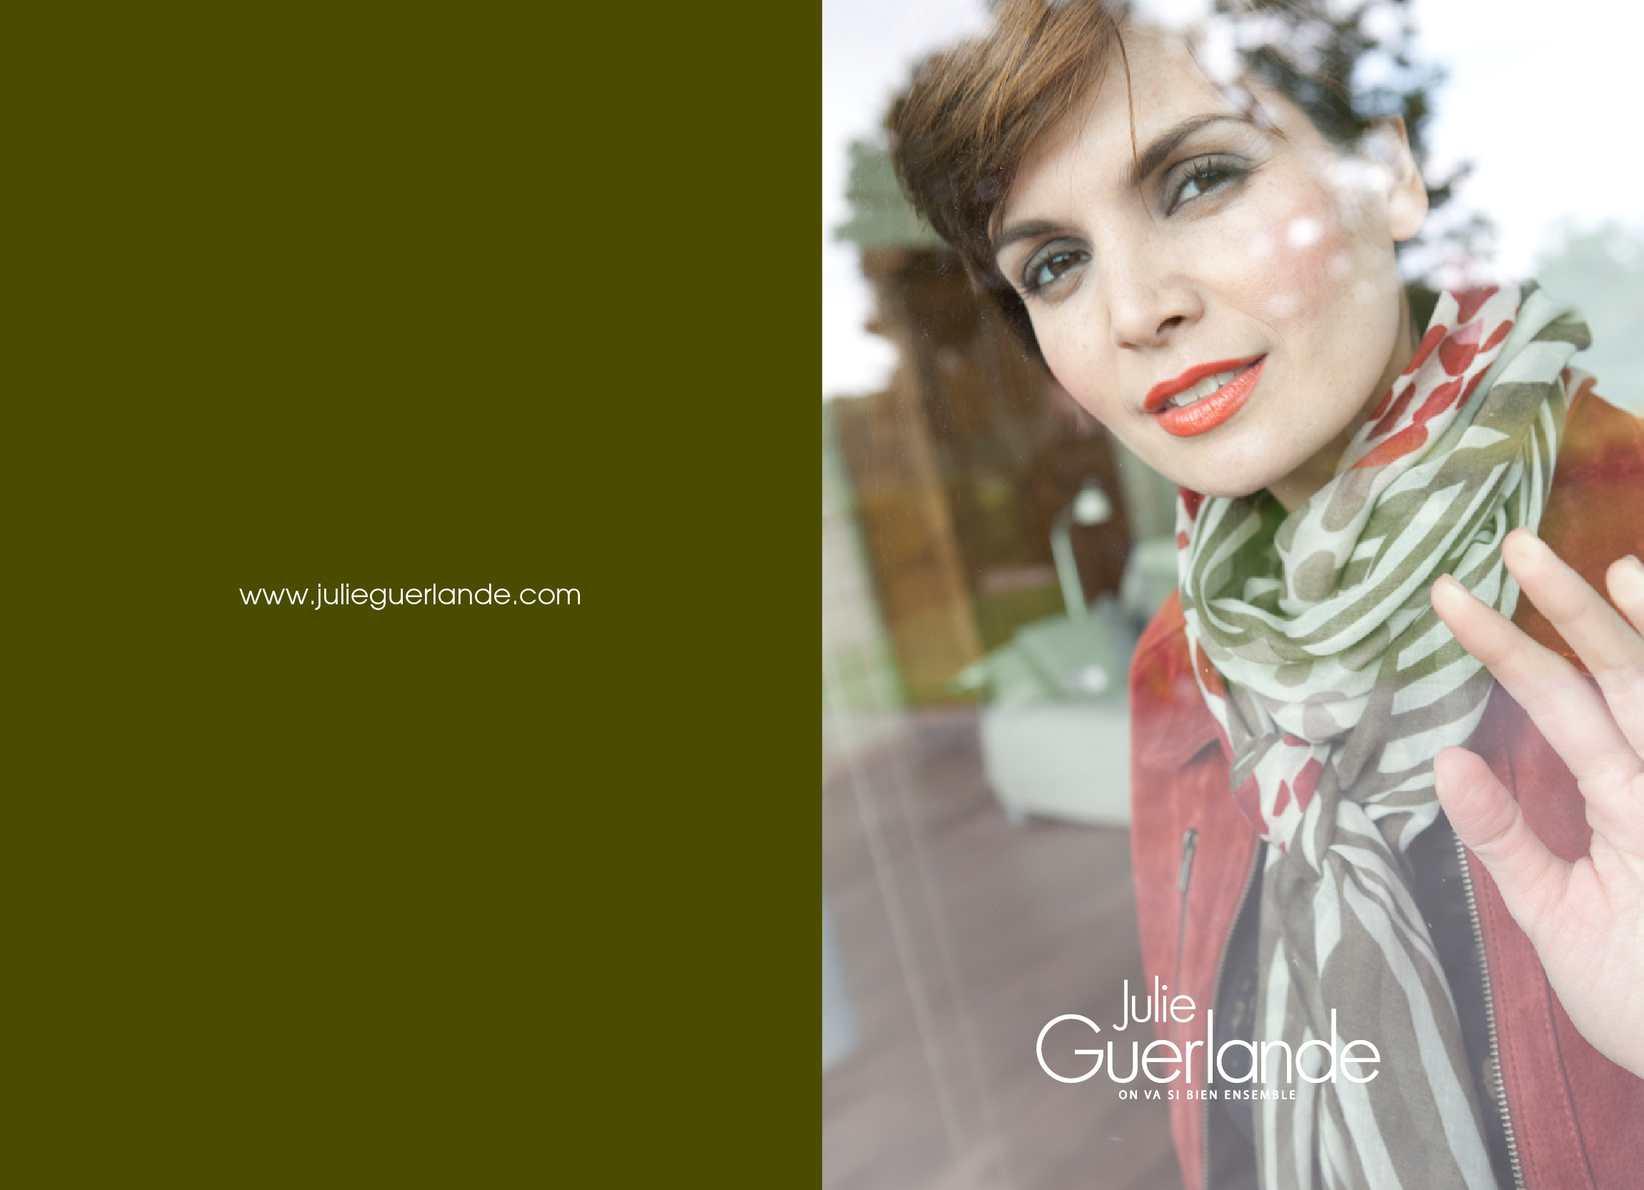 calam o catalogue julie guerlande automne hiver 2011. Black Bedroom Furniture Sets. Home Design Ideas